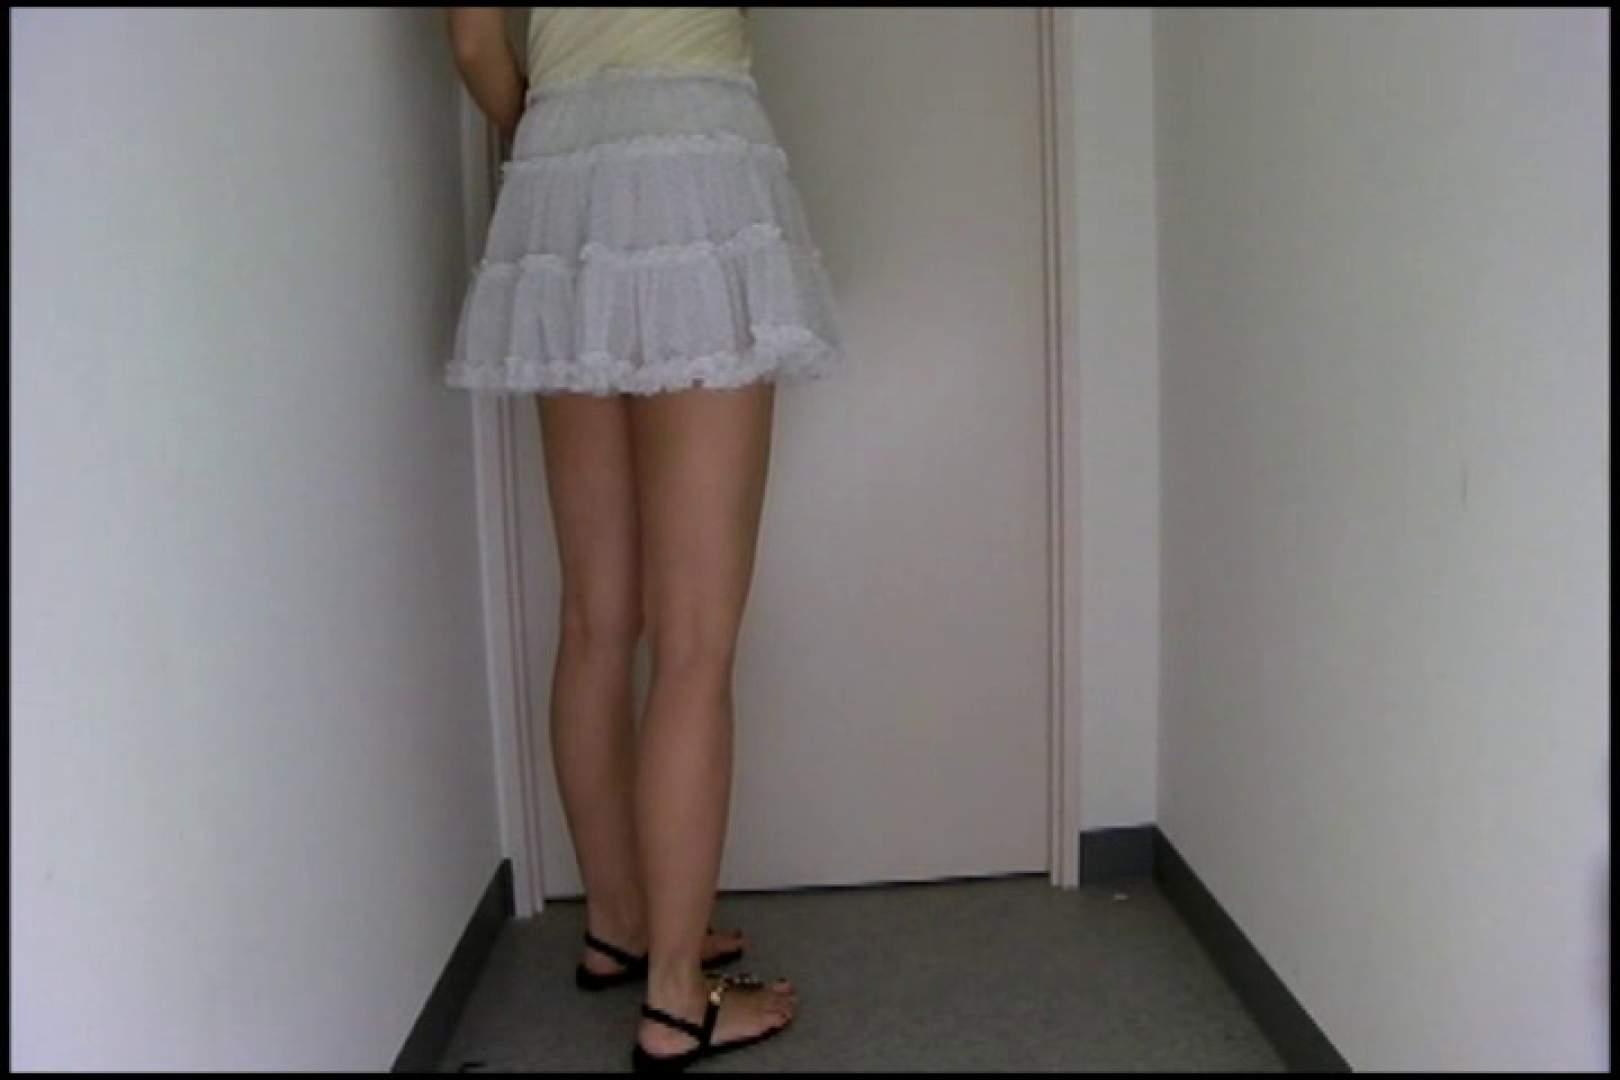 和式にまたがる女たちを待ちうけるカメラの衝撃映像vol.02 OL女体 おまんこ動画流出 107連発 20